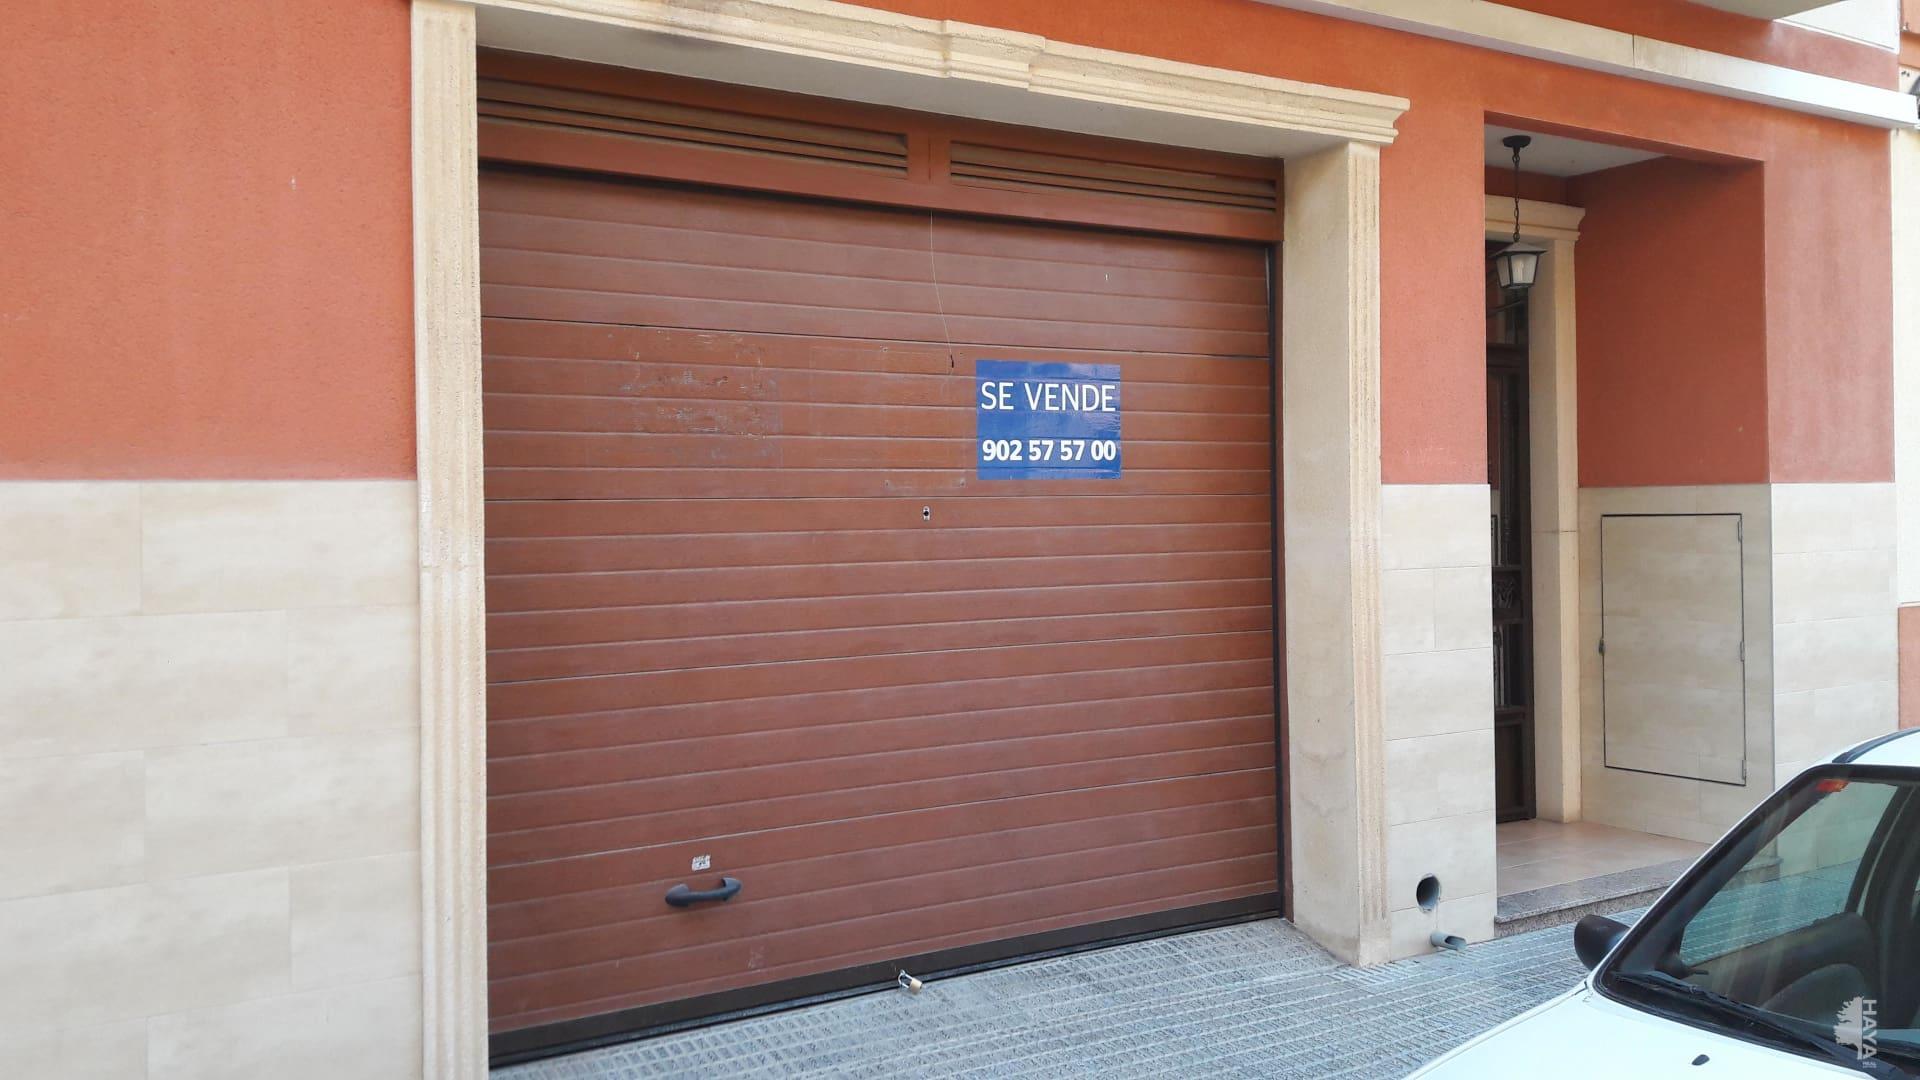 Locale commerciale in Almoradí. Local en venta en almoradí (alicante) donadores